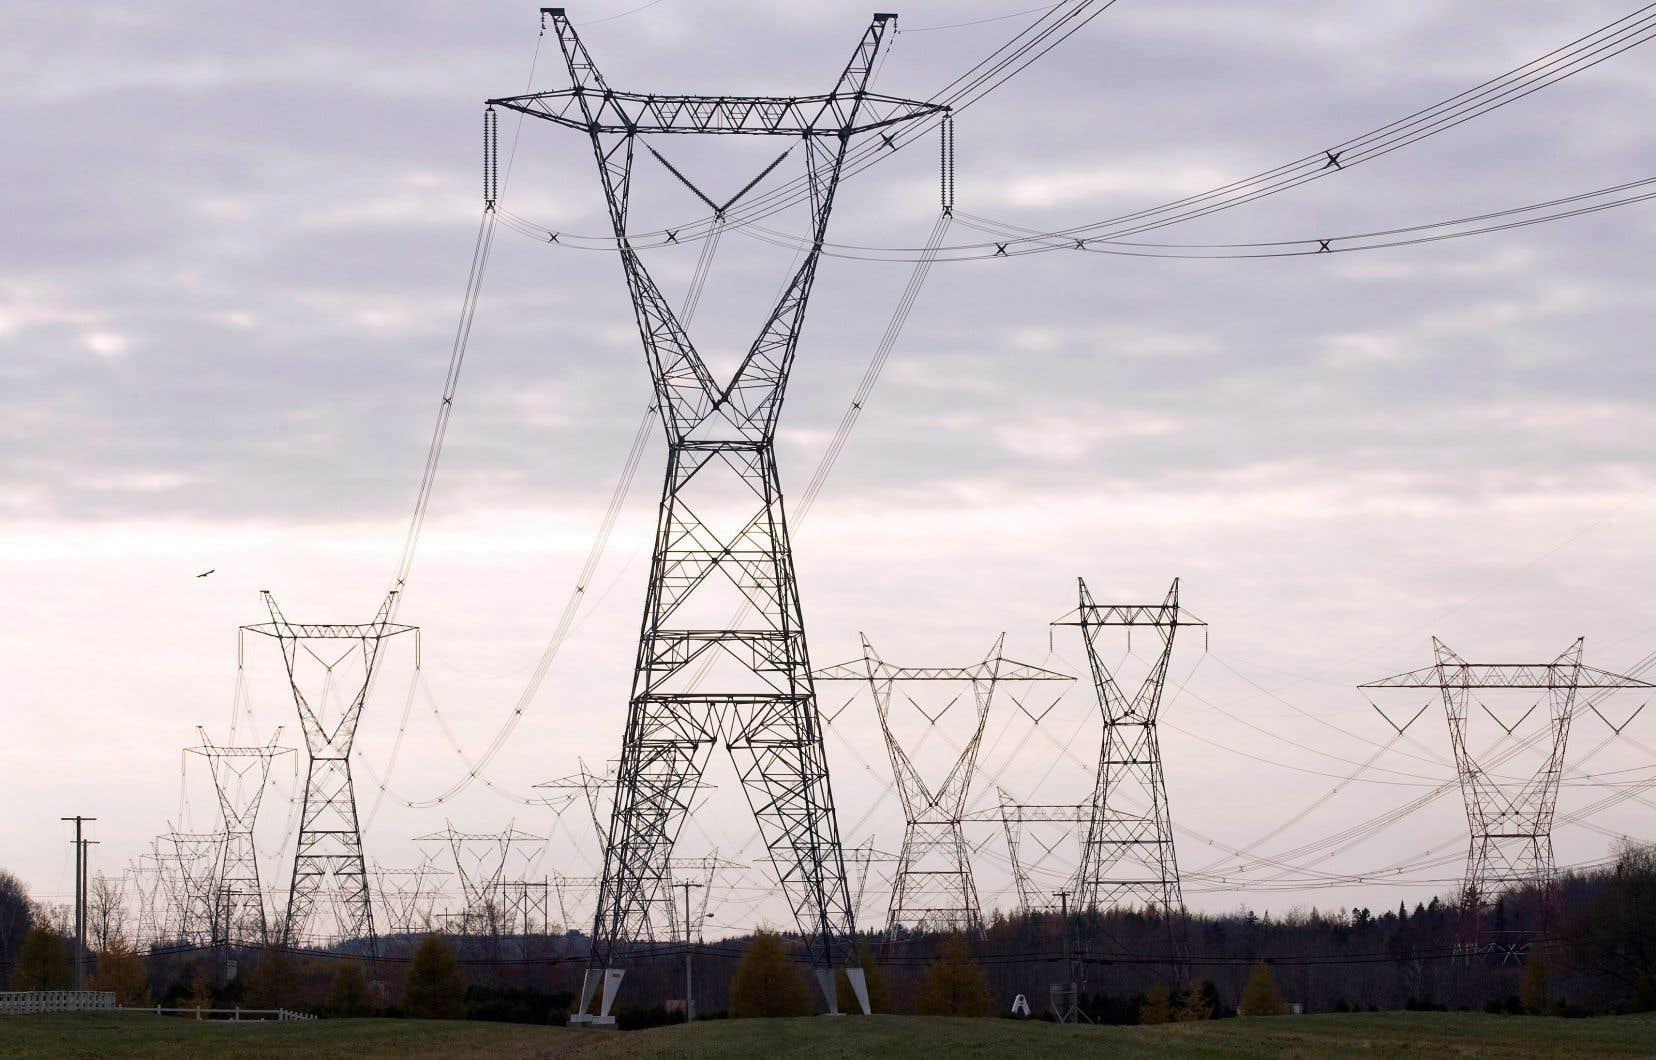 Le Massachusetts paiera 5,9 ¢US le kilowattheure dans le cadre de son contrat de 20ans avec Hydro-Québec.